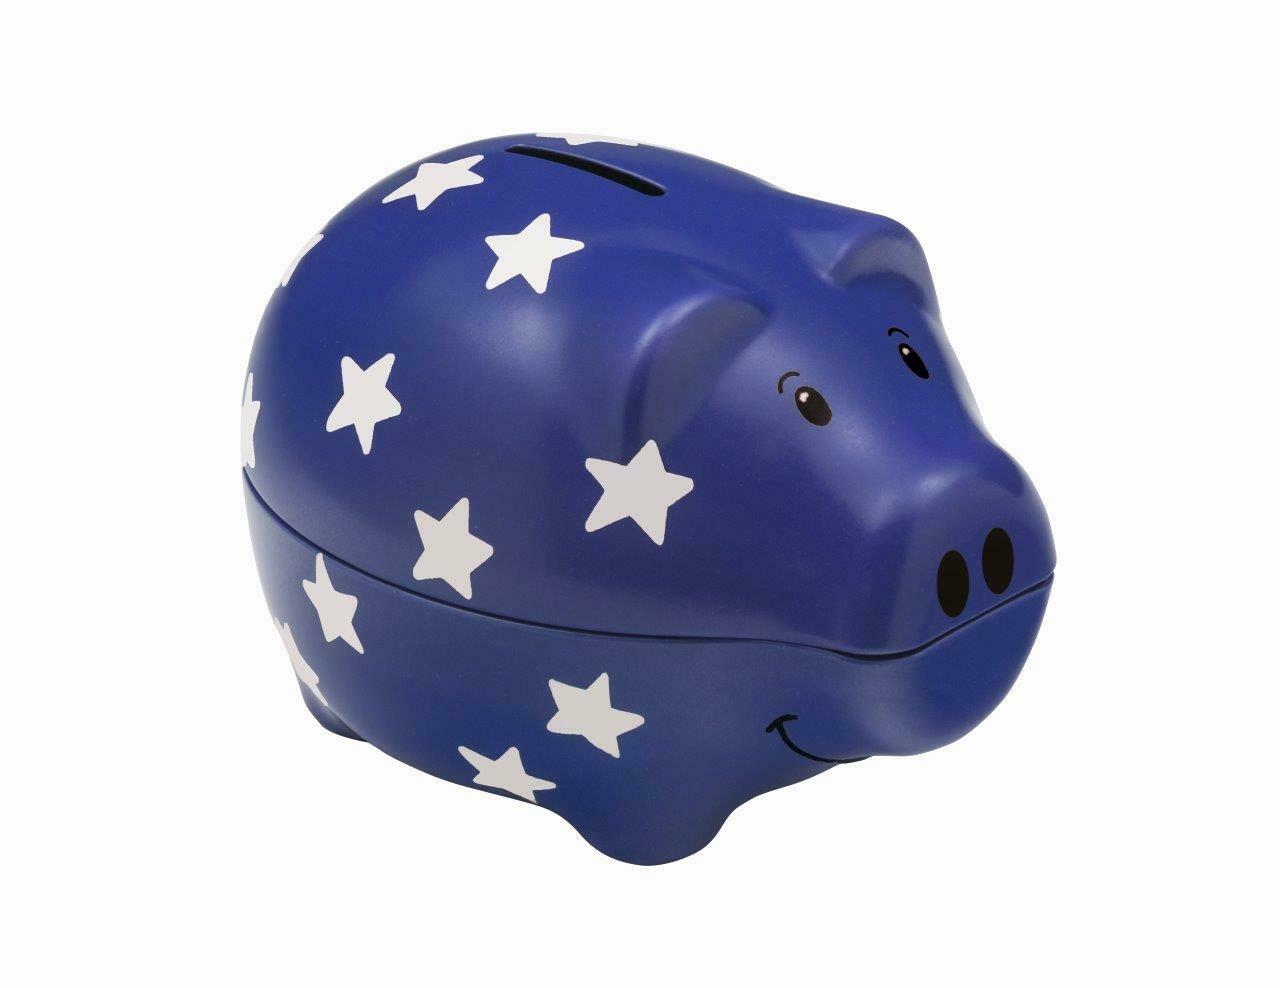 Star Design Blue Piggy Bank